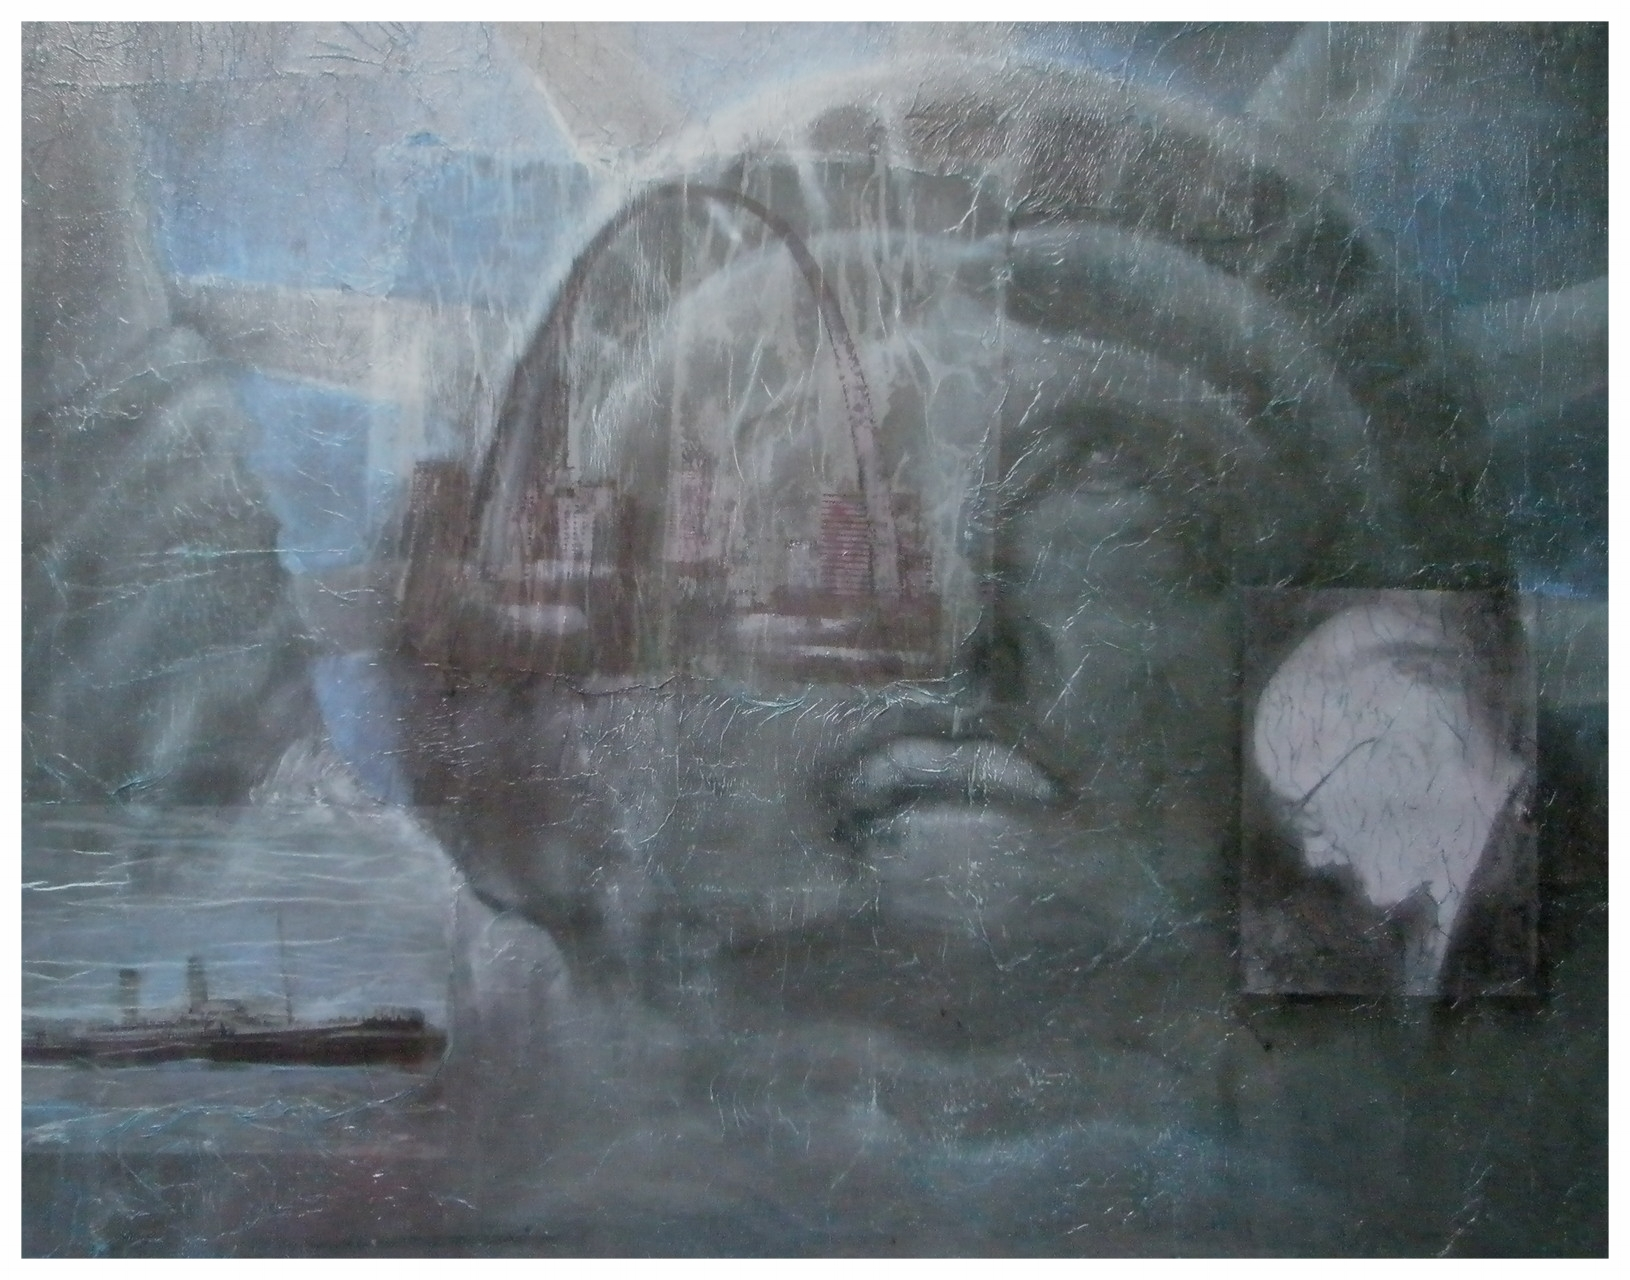 """ART HFrei - """"Mein Amerika"""" - Mischtechnik - 2009"""